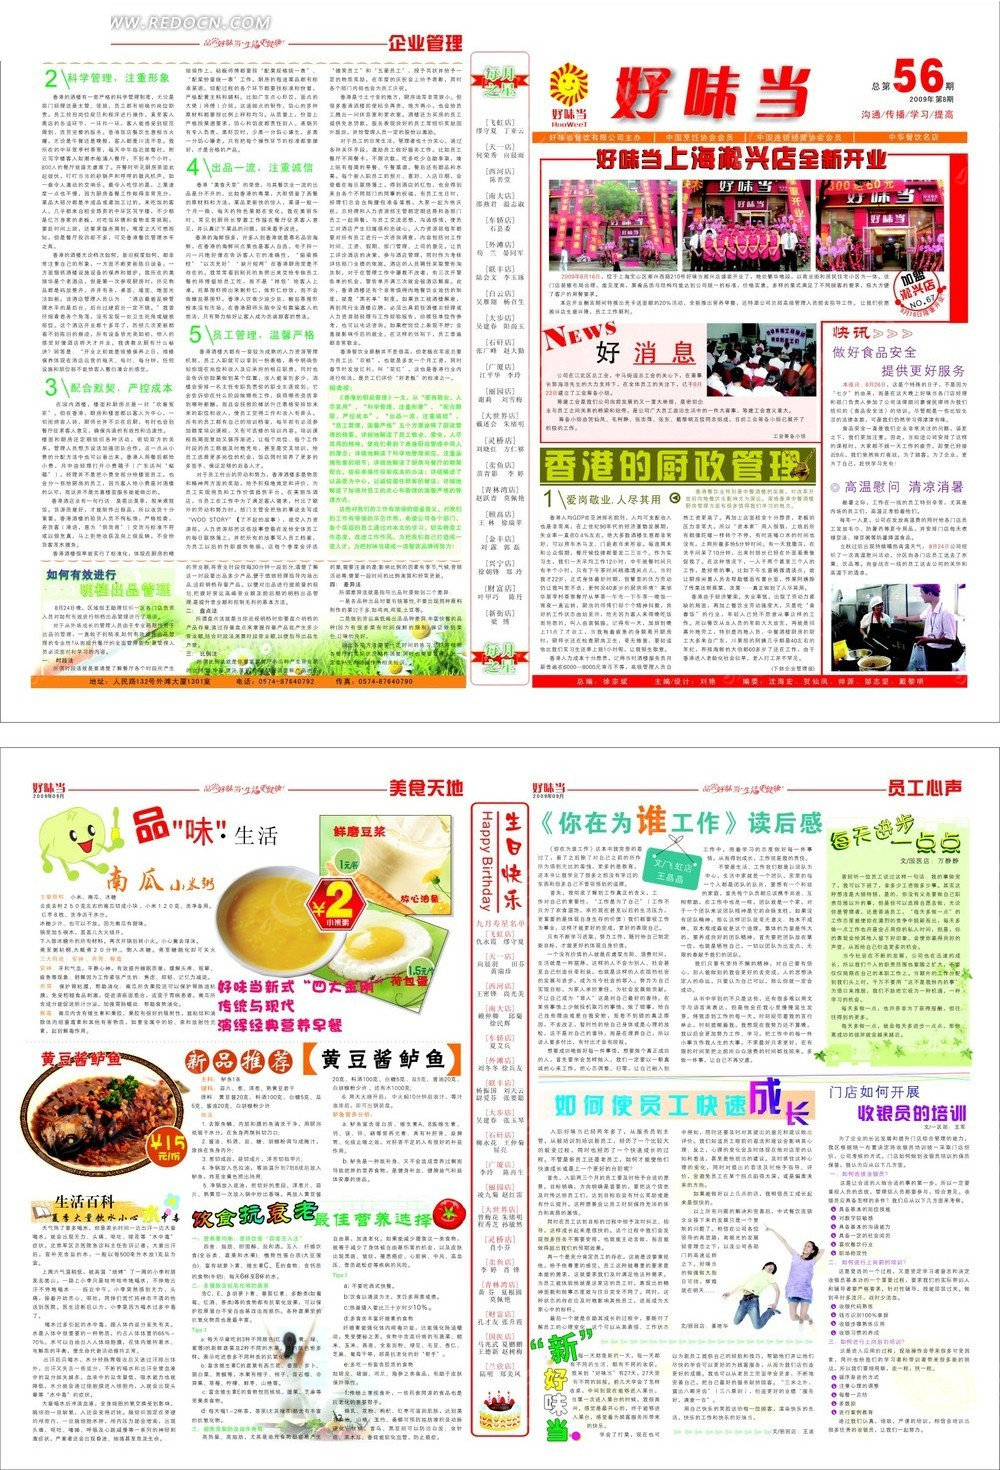 食品企业报纸内刊素材图片